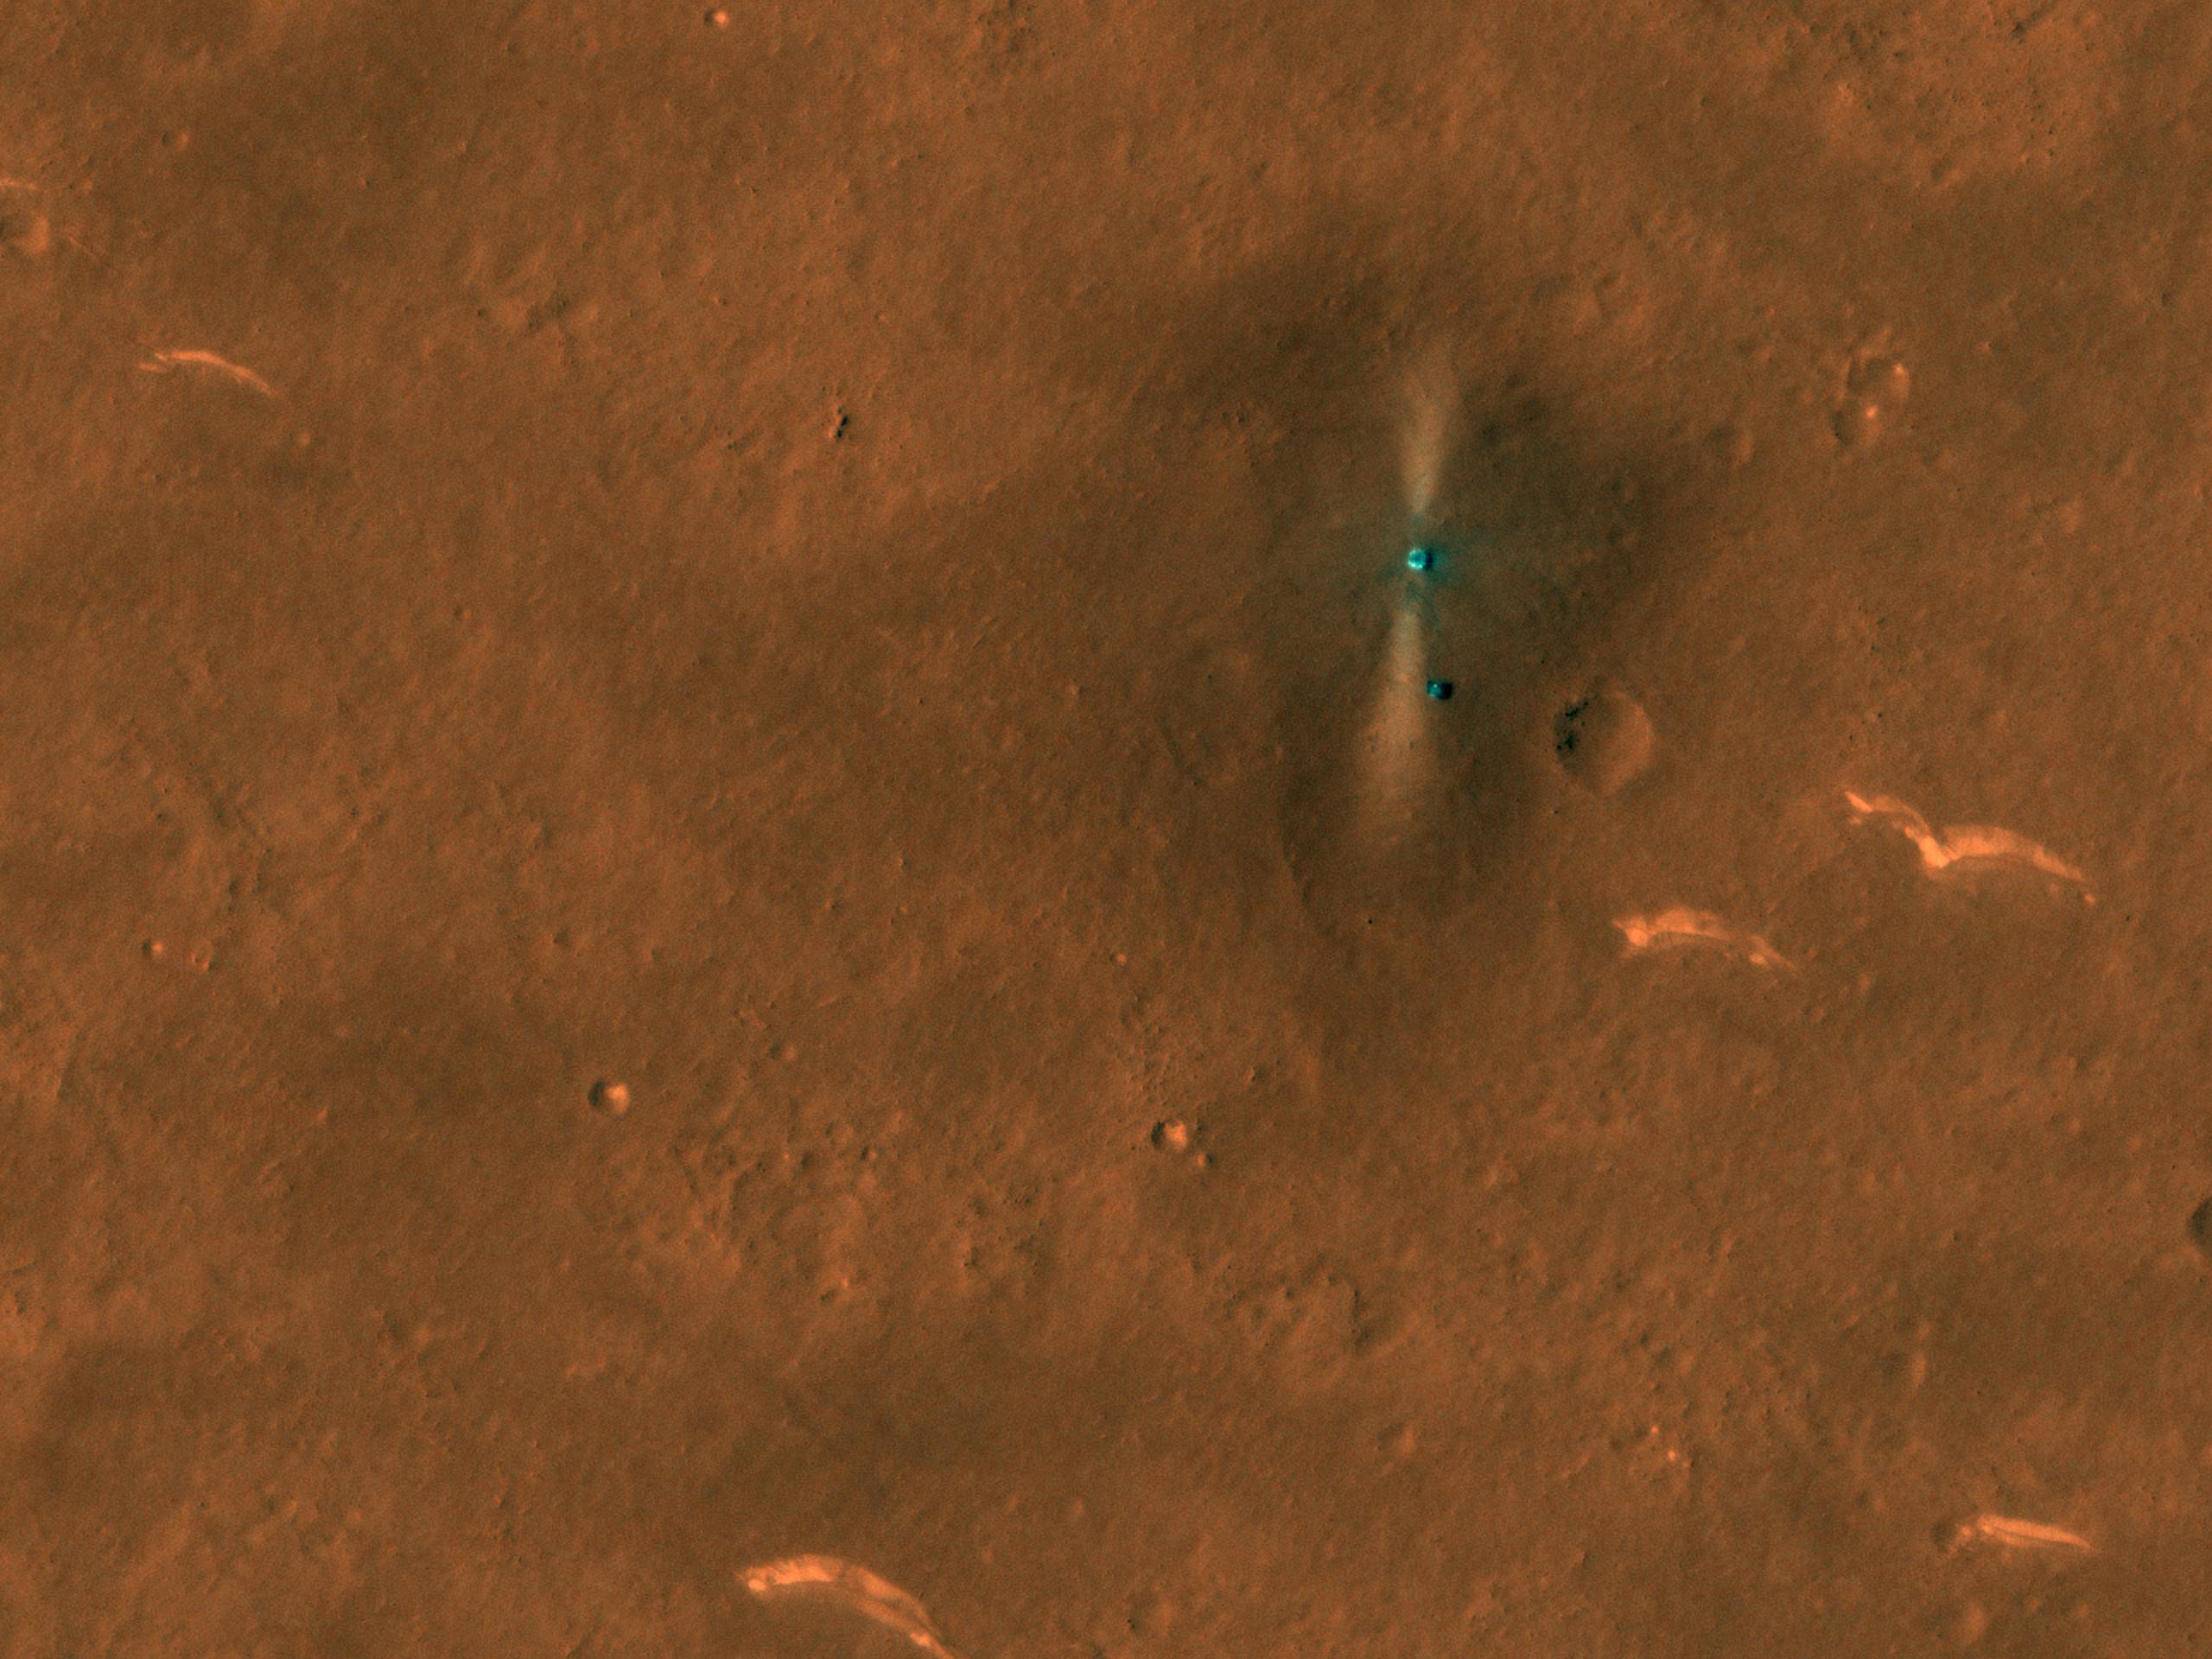 """美国亚利桑那大学HiRISE相机团队日前公布了他们拍到的""""祝融号""""火星车的照片。"""